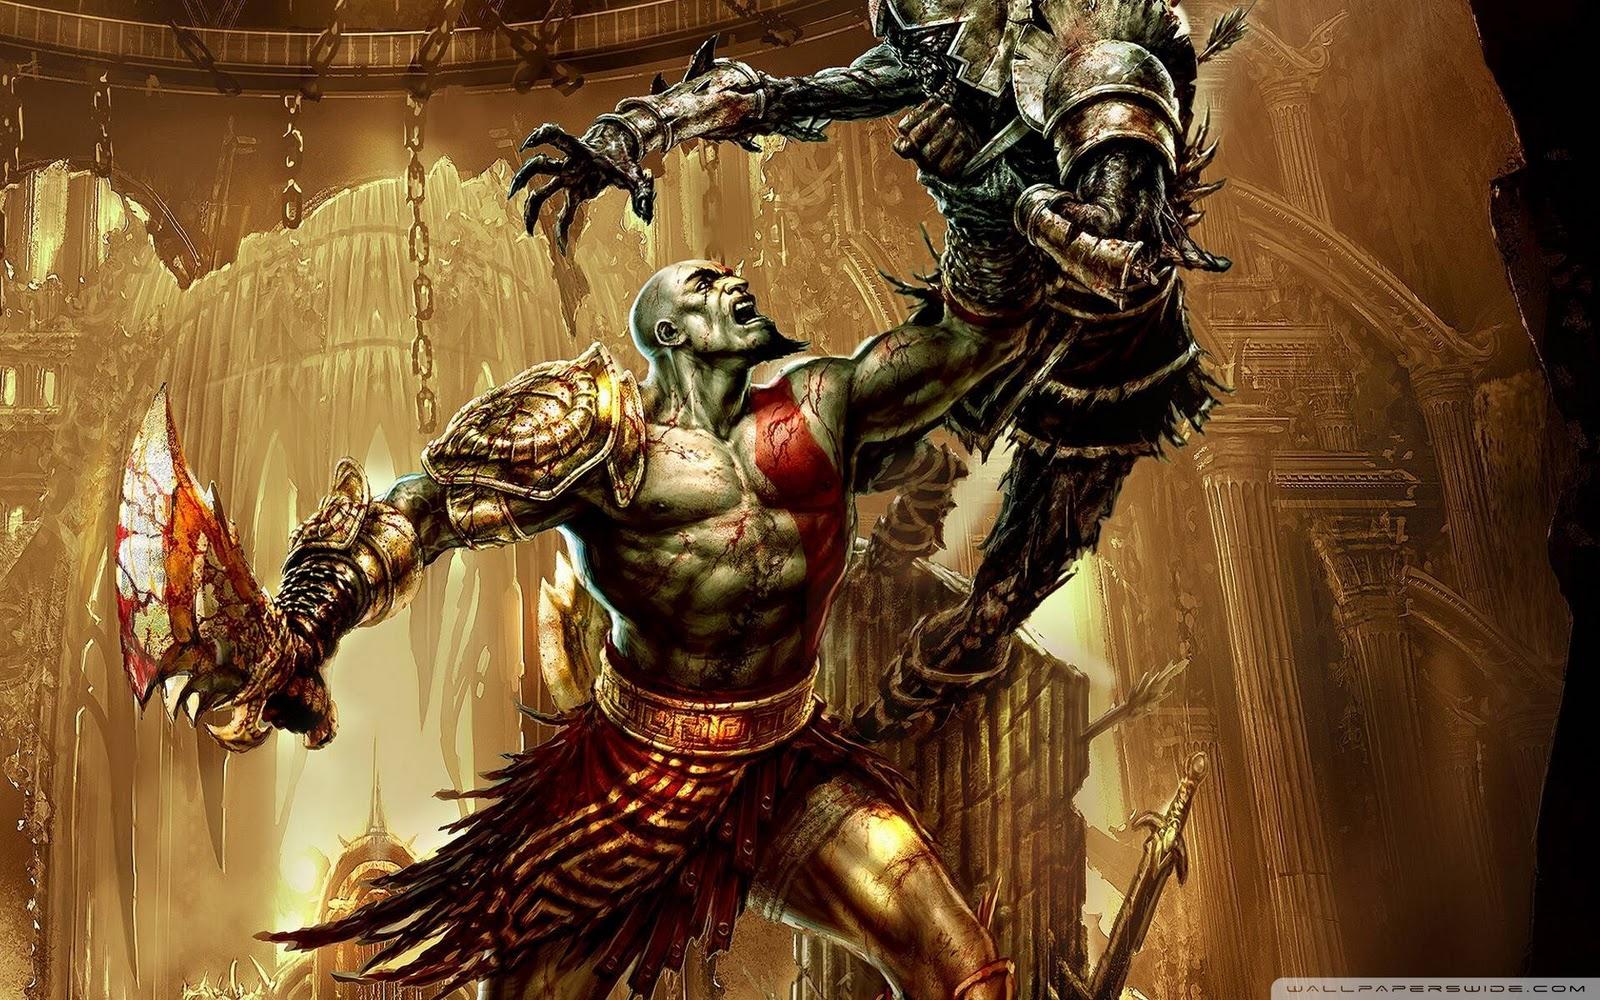 http://4.bp.blogspot.com/-0vHglABy8lI/Tv-9fV9nT1I/AAAAAAAAD7E/Zs-rwKOdLLc/s1600/god_of_war_3_game-wallpaper-1920x1200.jpg